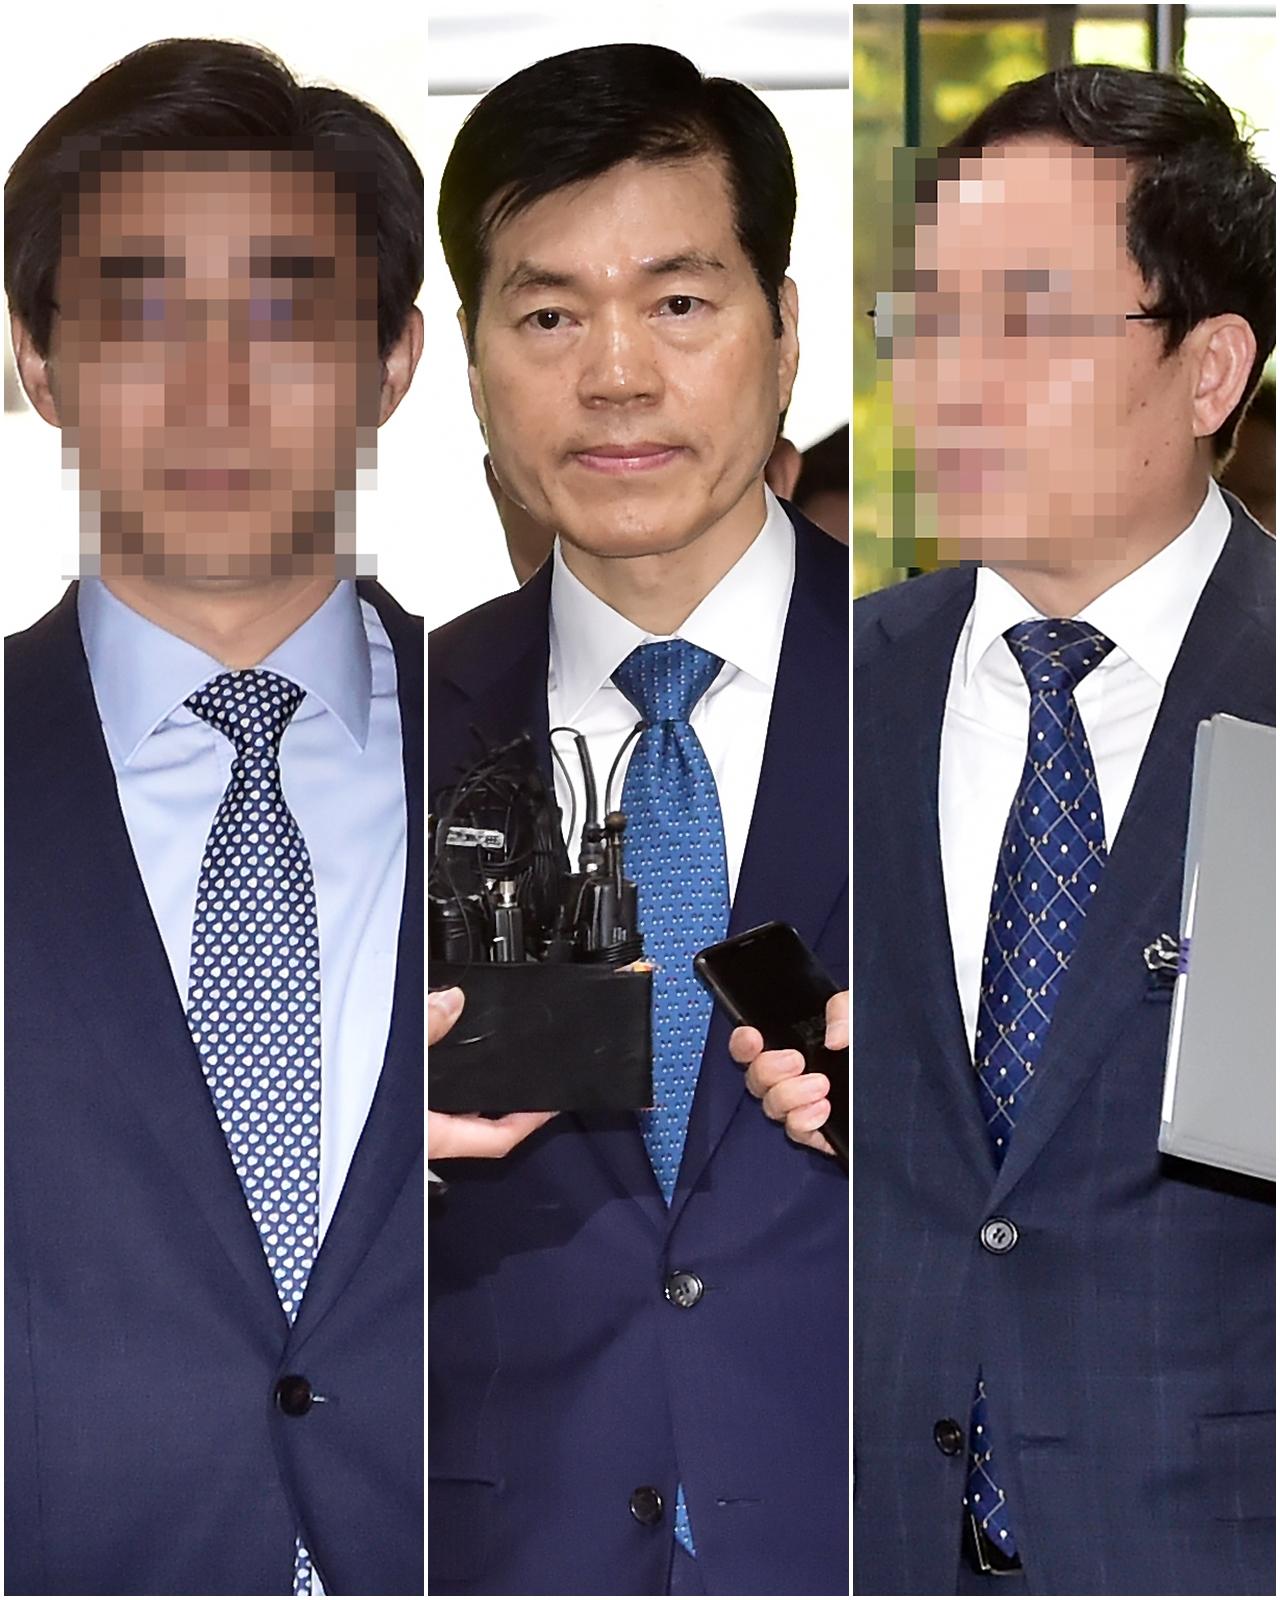 증거인멸 지시 혐의, 김태한 대표 외 삼성전자 임원 법원 출석